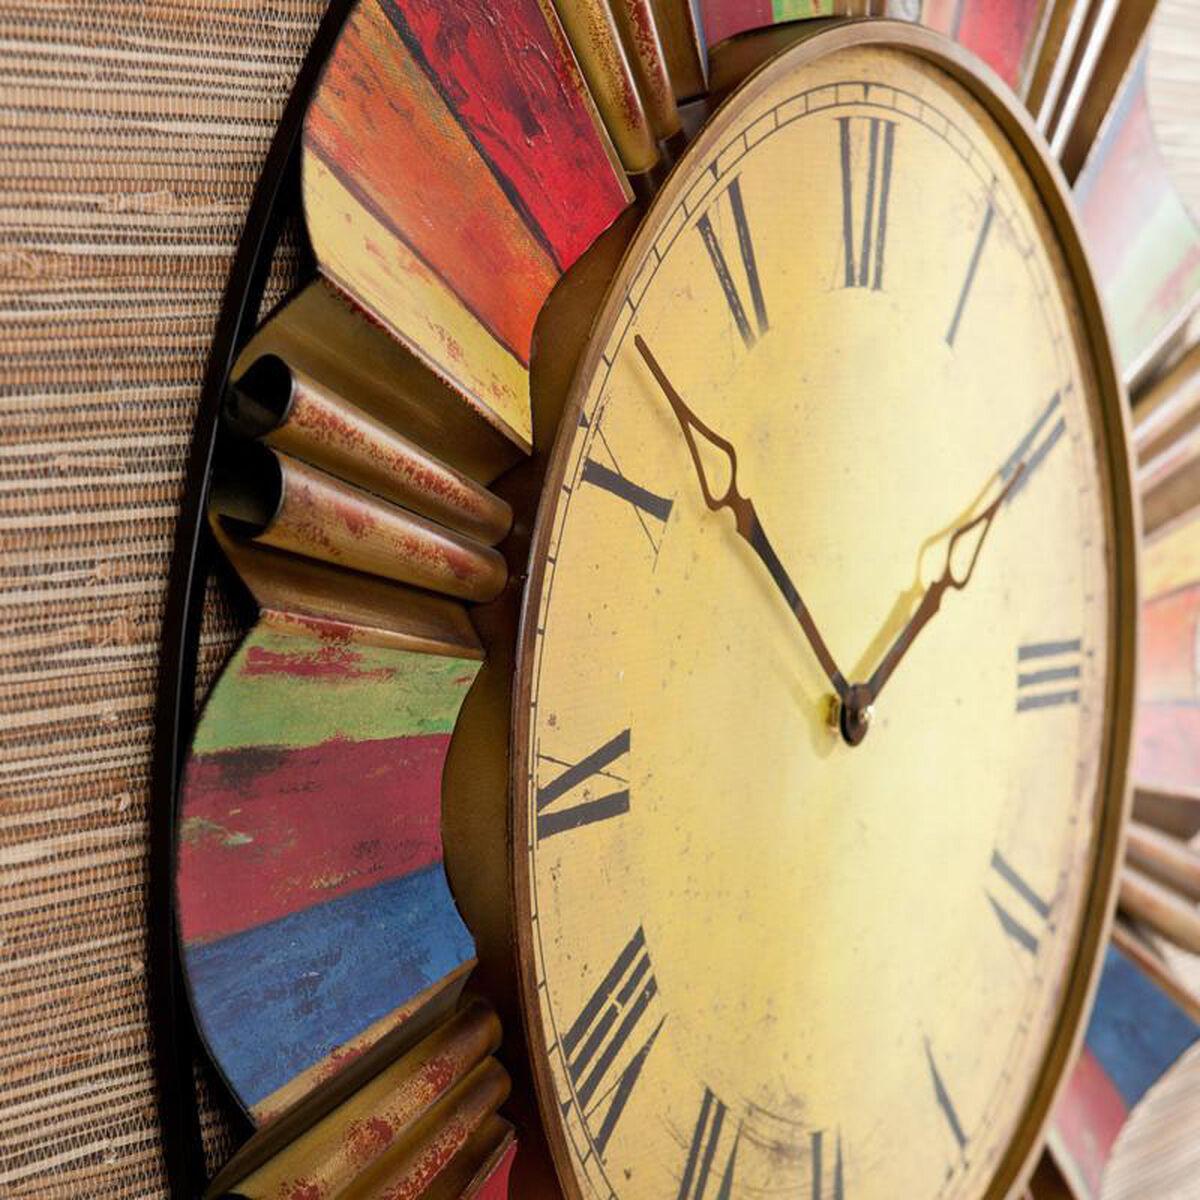 Roman Numeral Wall Clock WS1963 | Bizchair.com